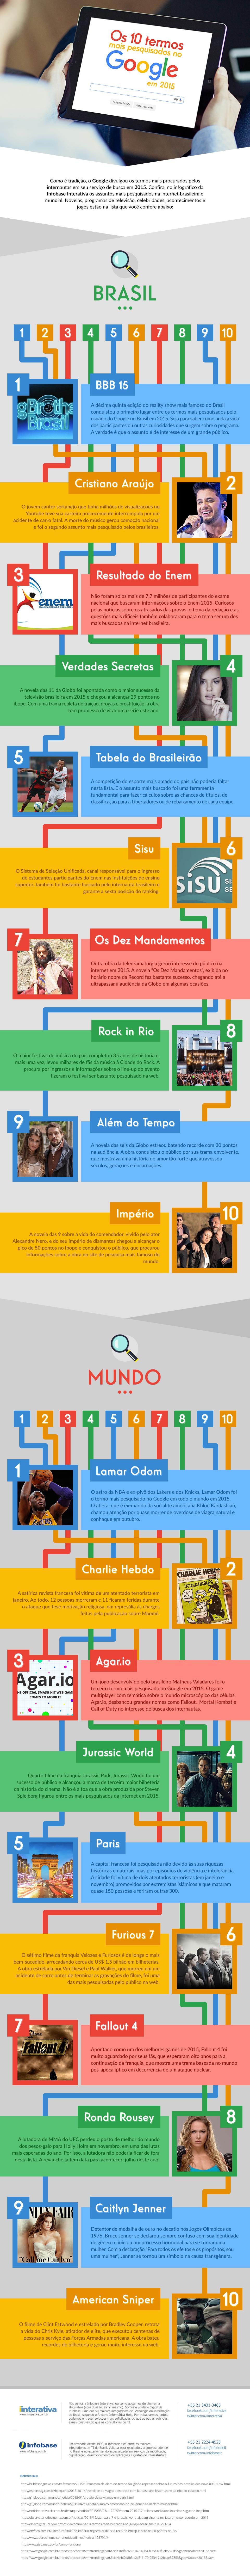 Quais foram os termos mais buscados no Google em 2015?